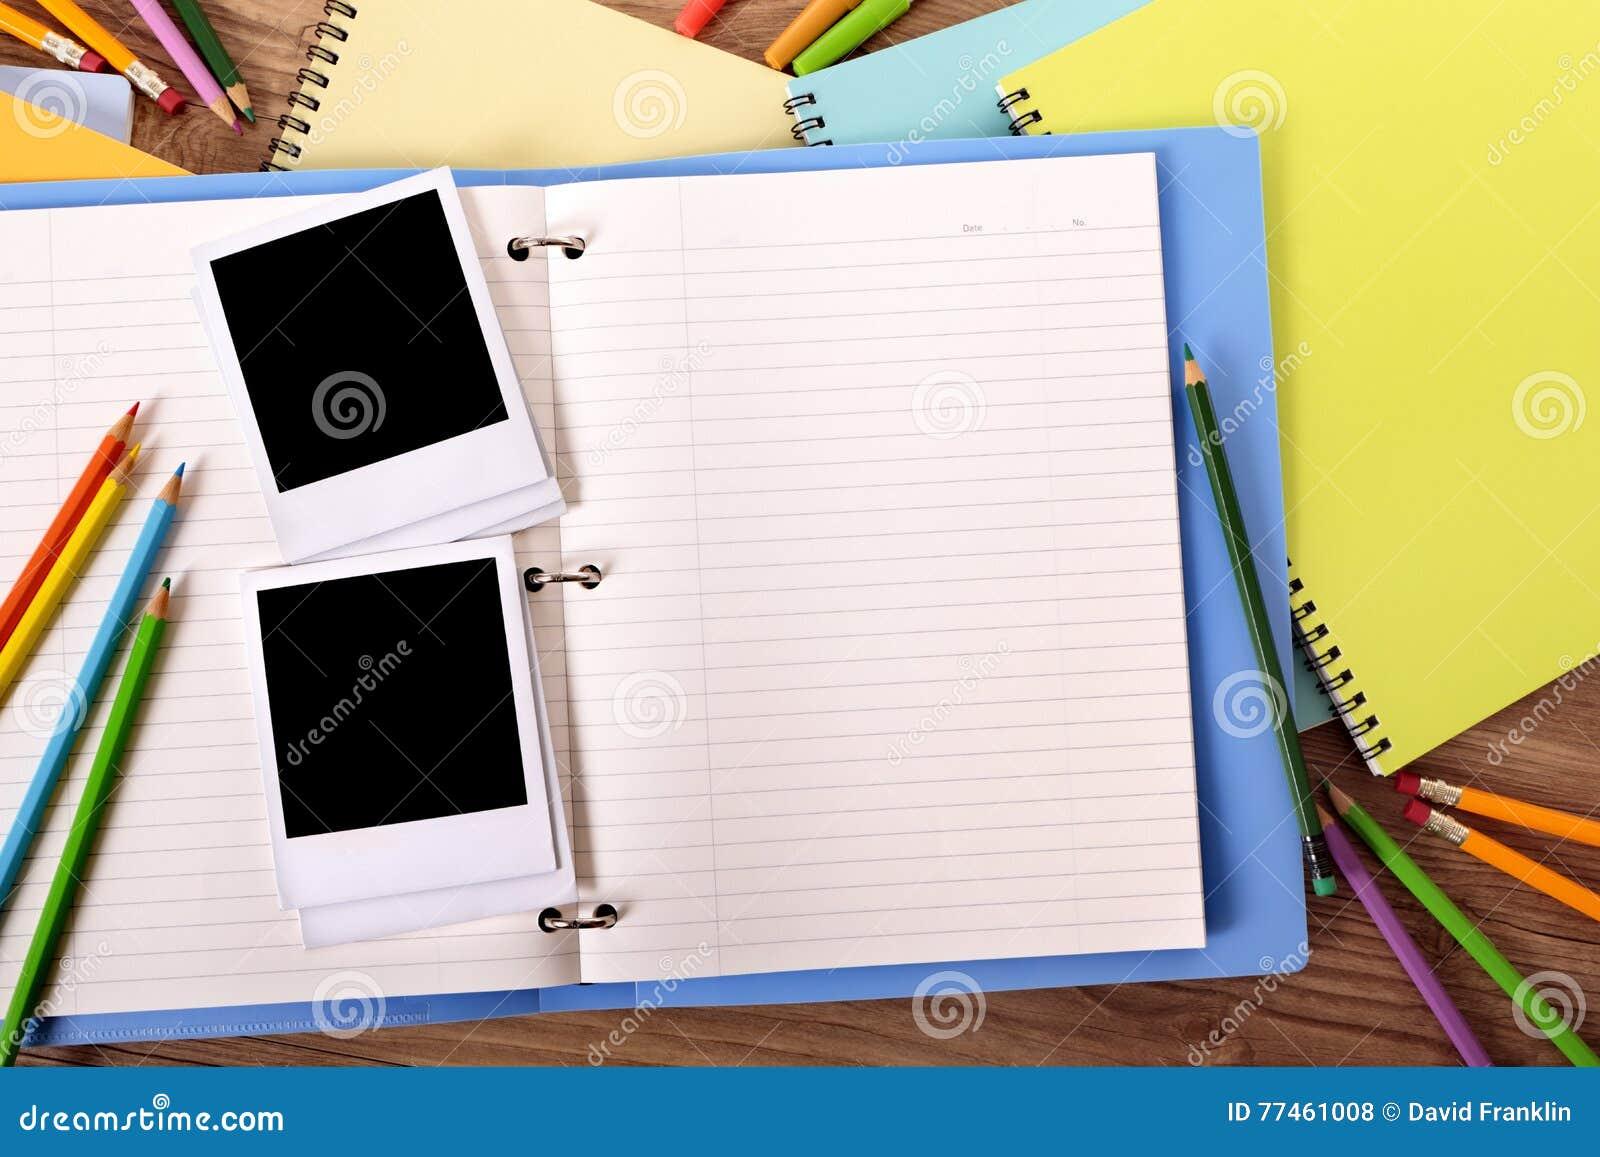 Photo album open with several blank polaroid style photo print frame